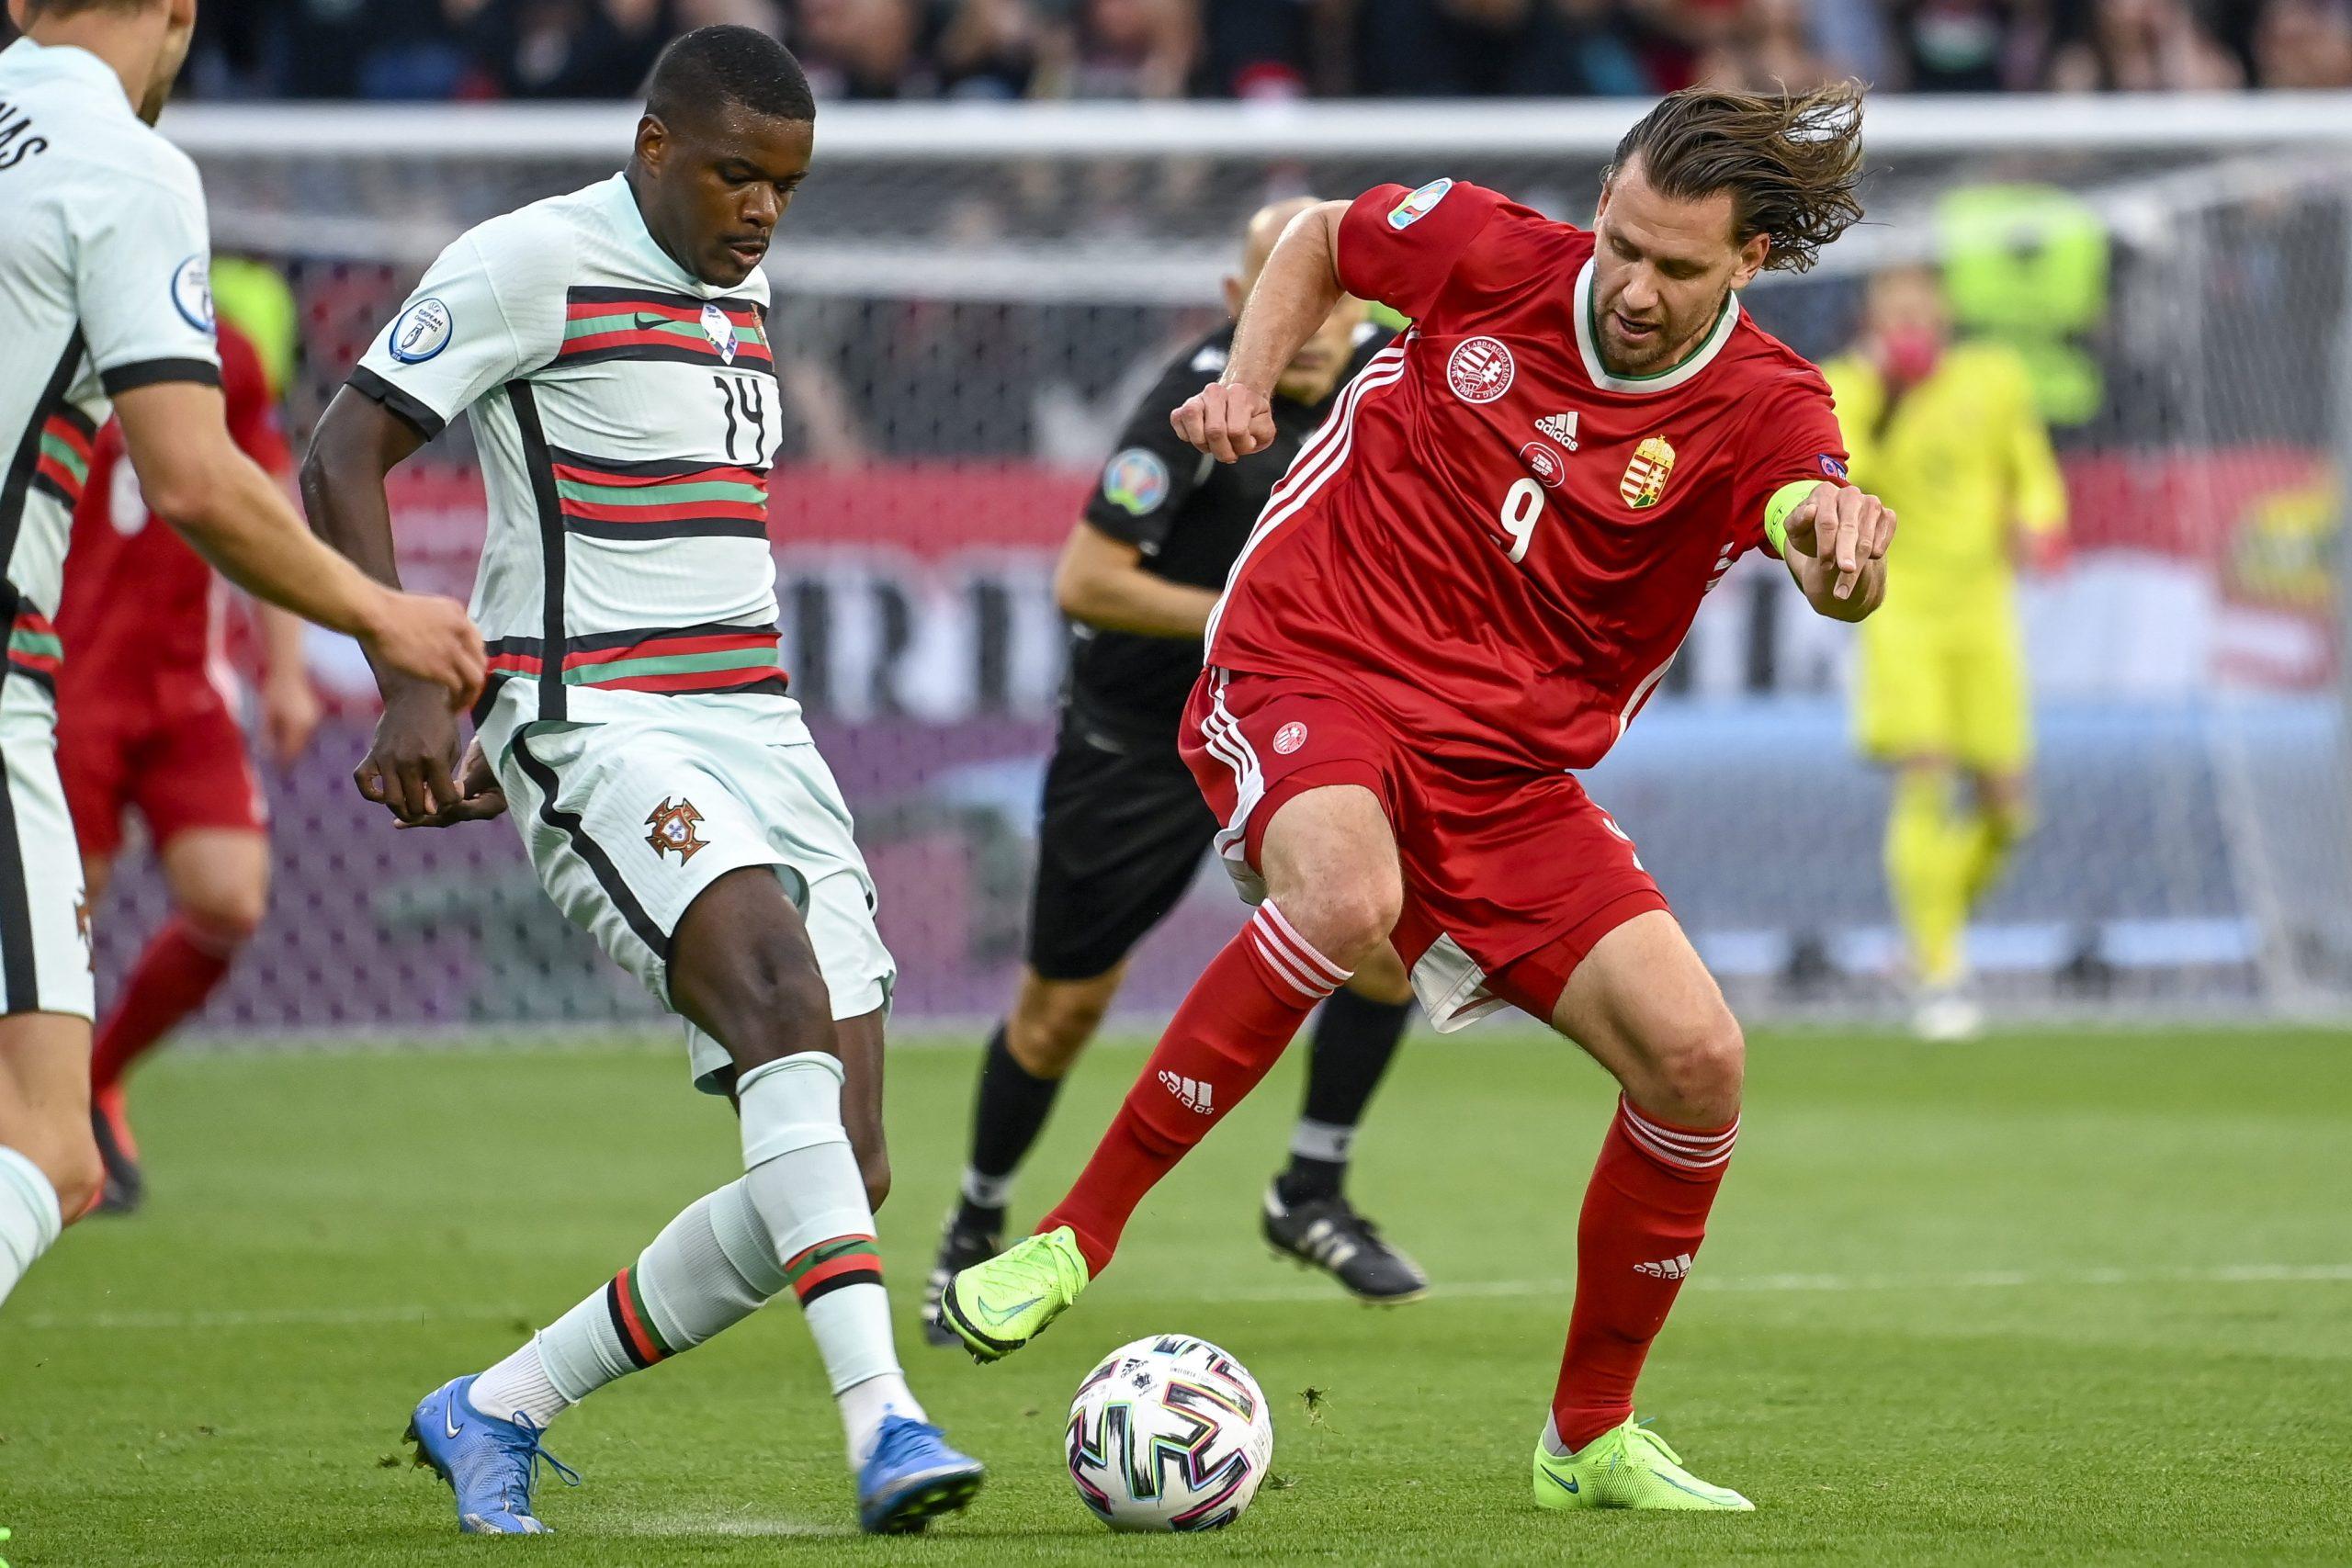 Kapitän der ungarischen Fußballmannschaft kann gegen Deutschland spielen